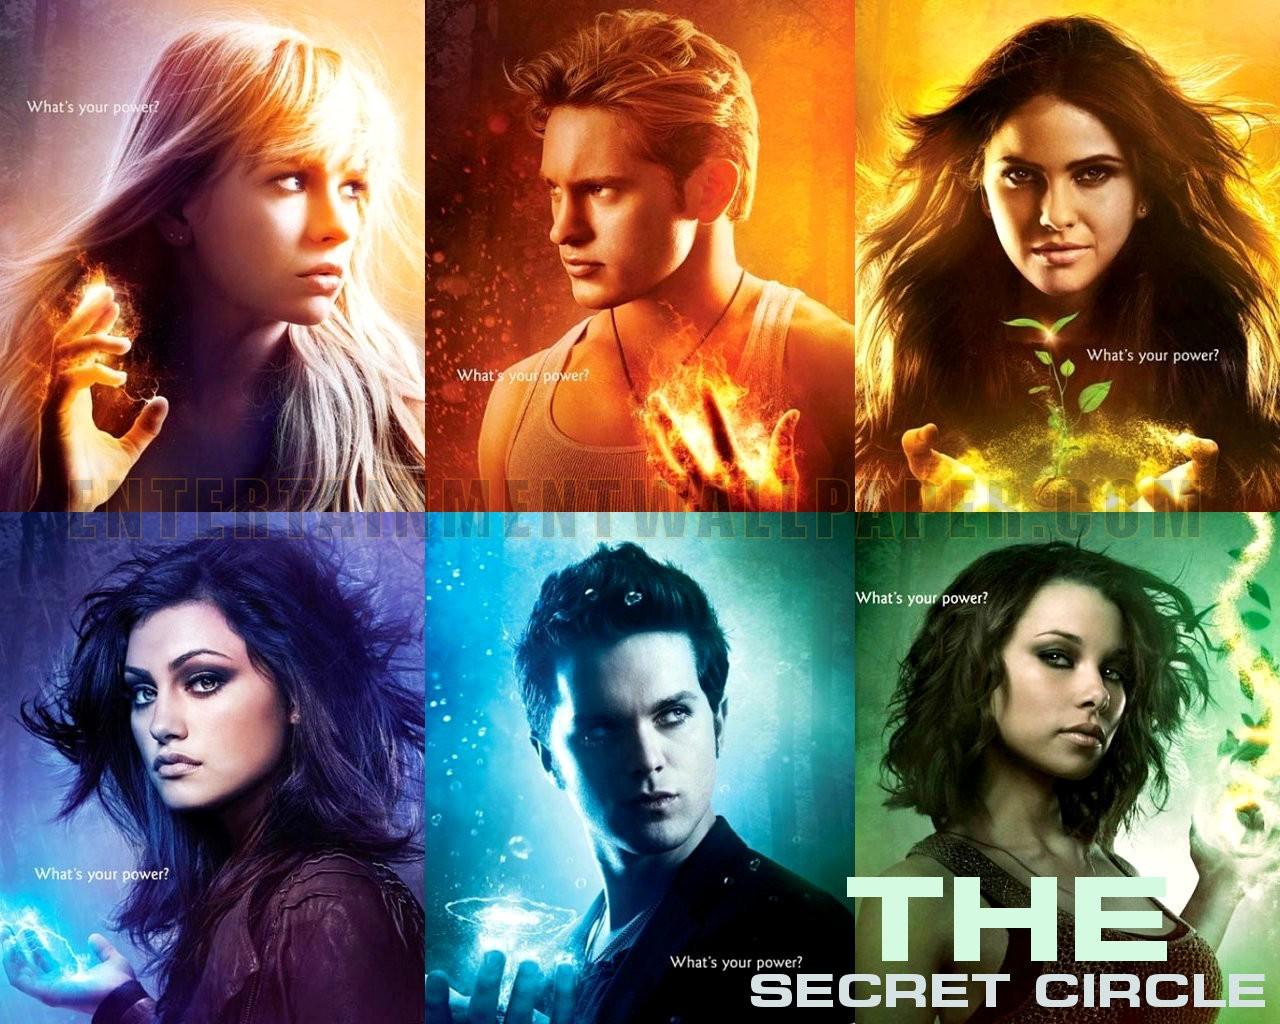 The secret circle episodes